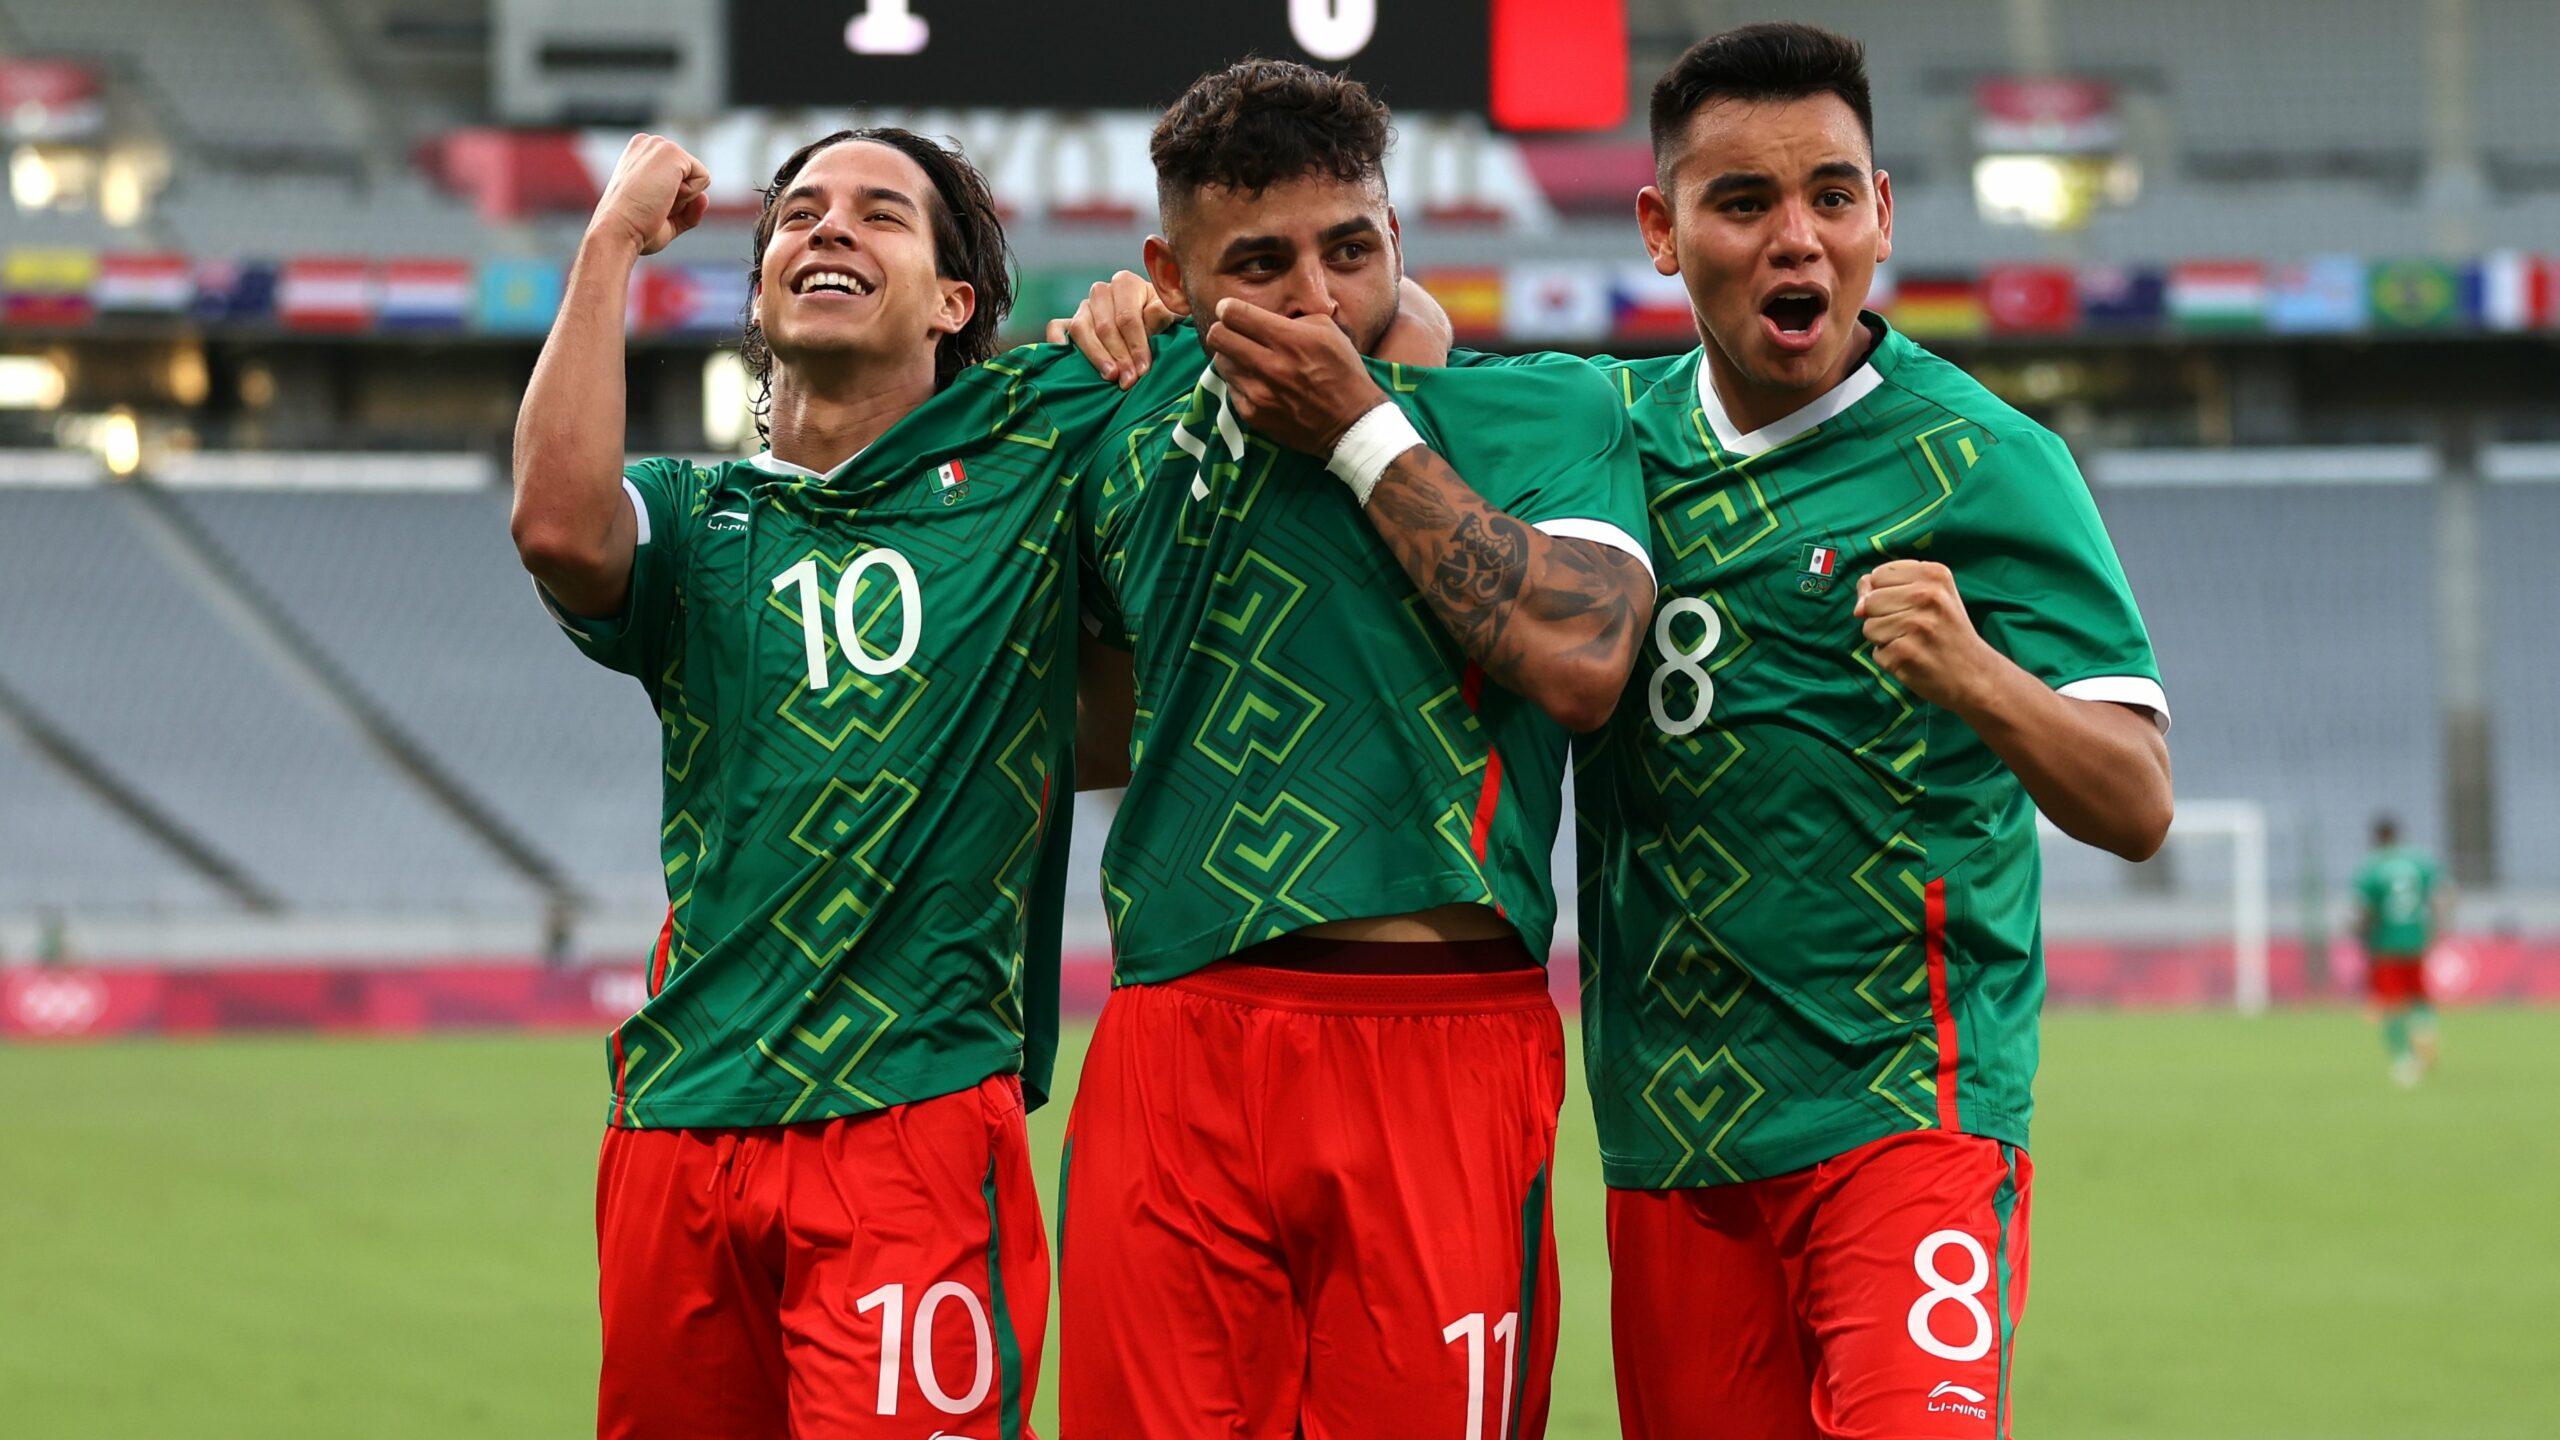 ¡Ganamos la revancha con bronce! Revive los goles del México vs Japón aquí